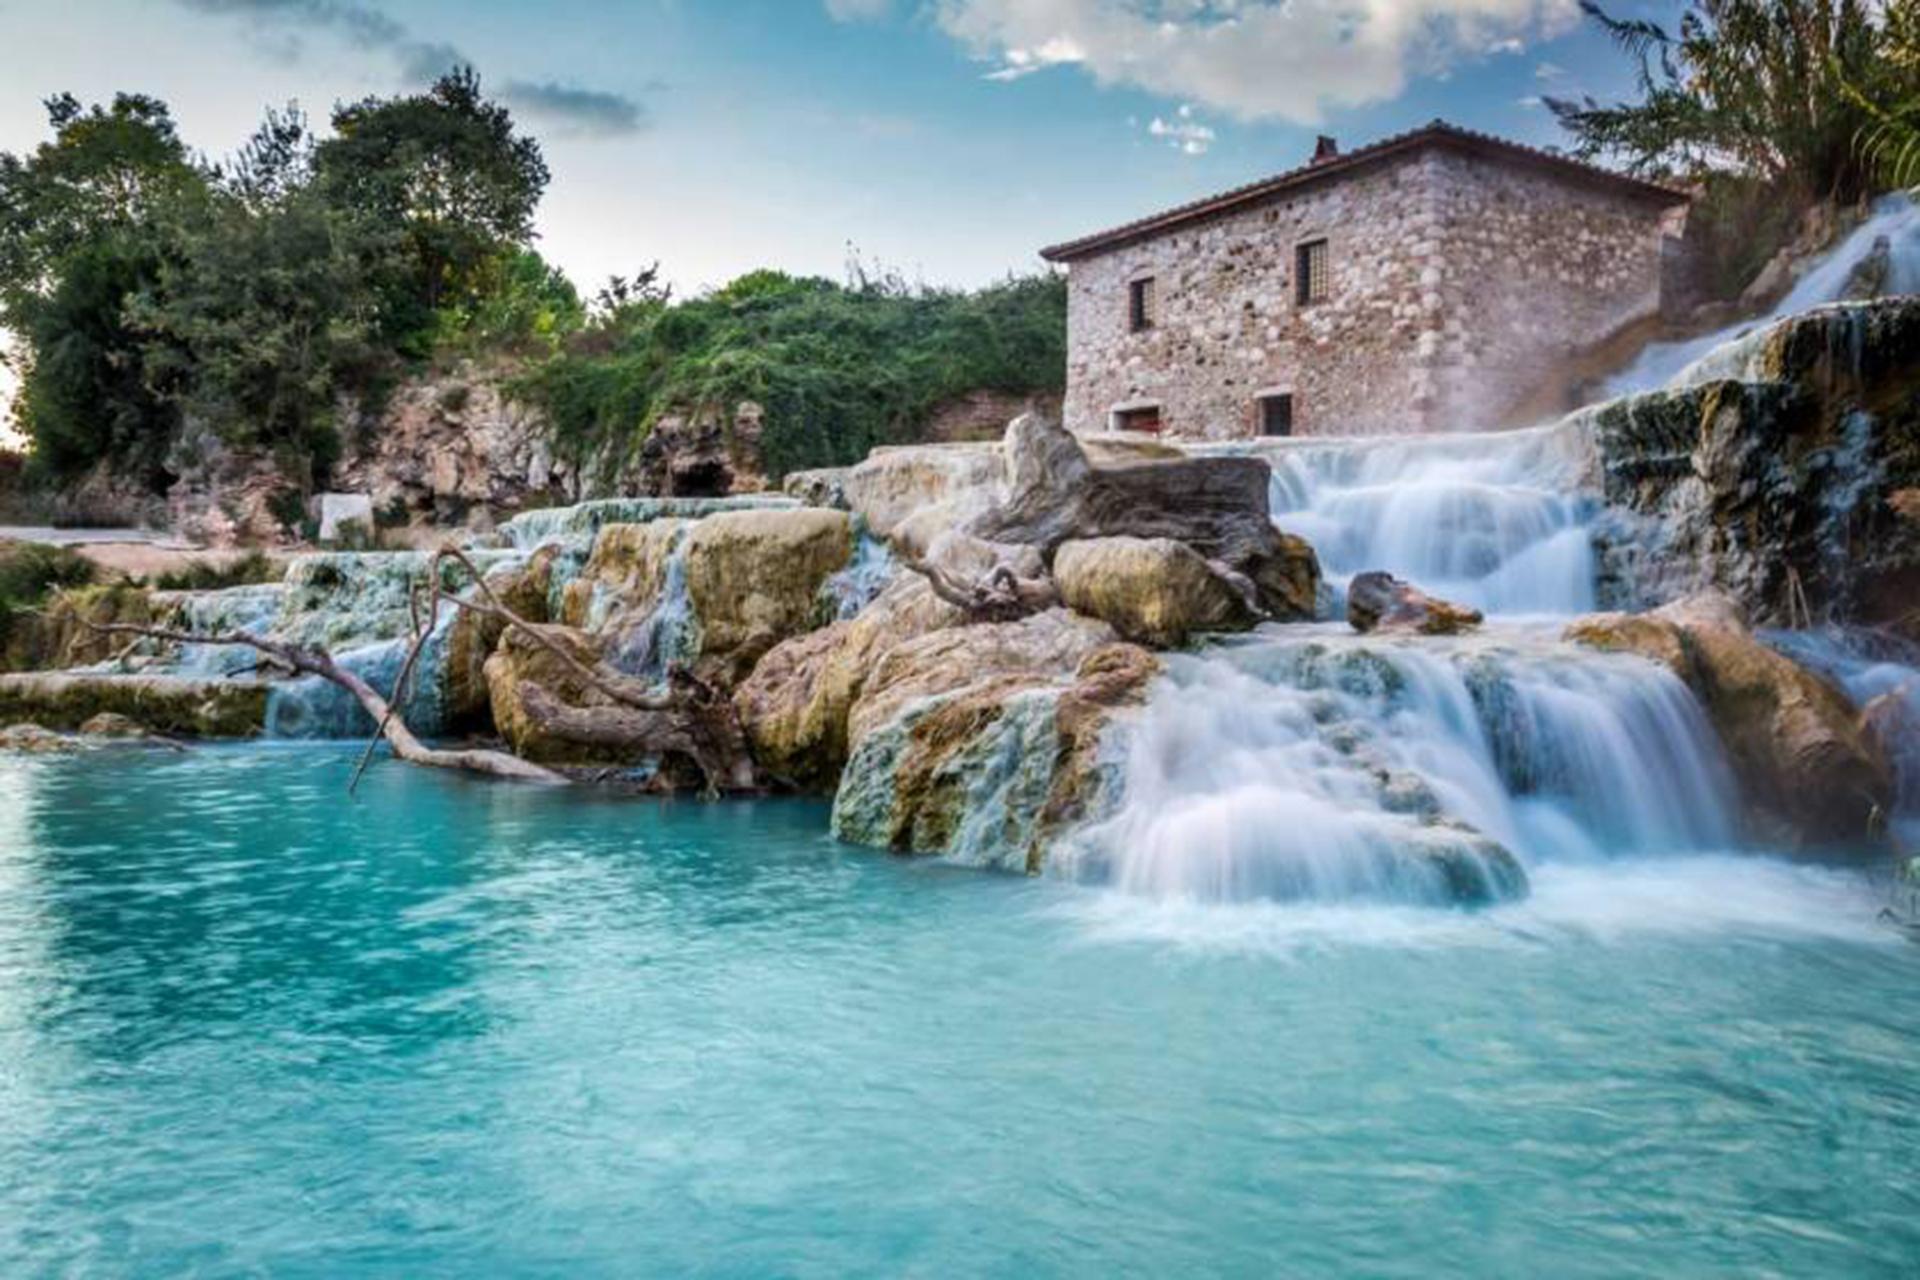 thermal baths in Maremma